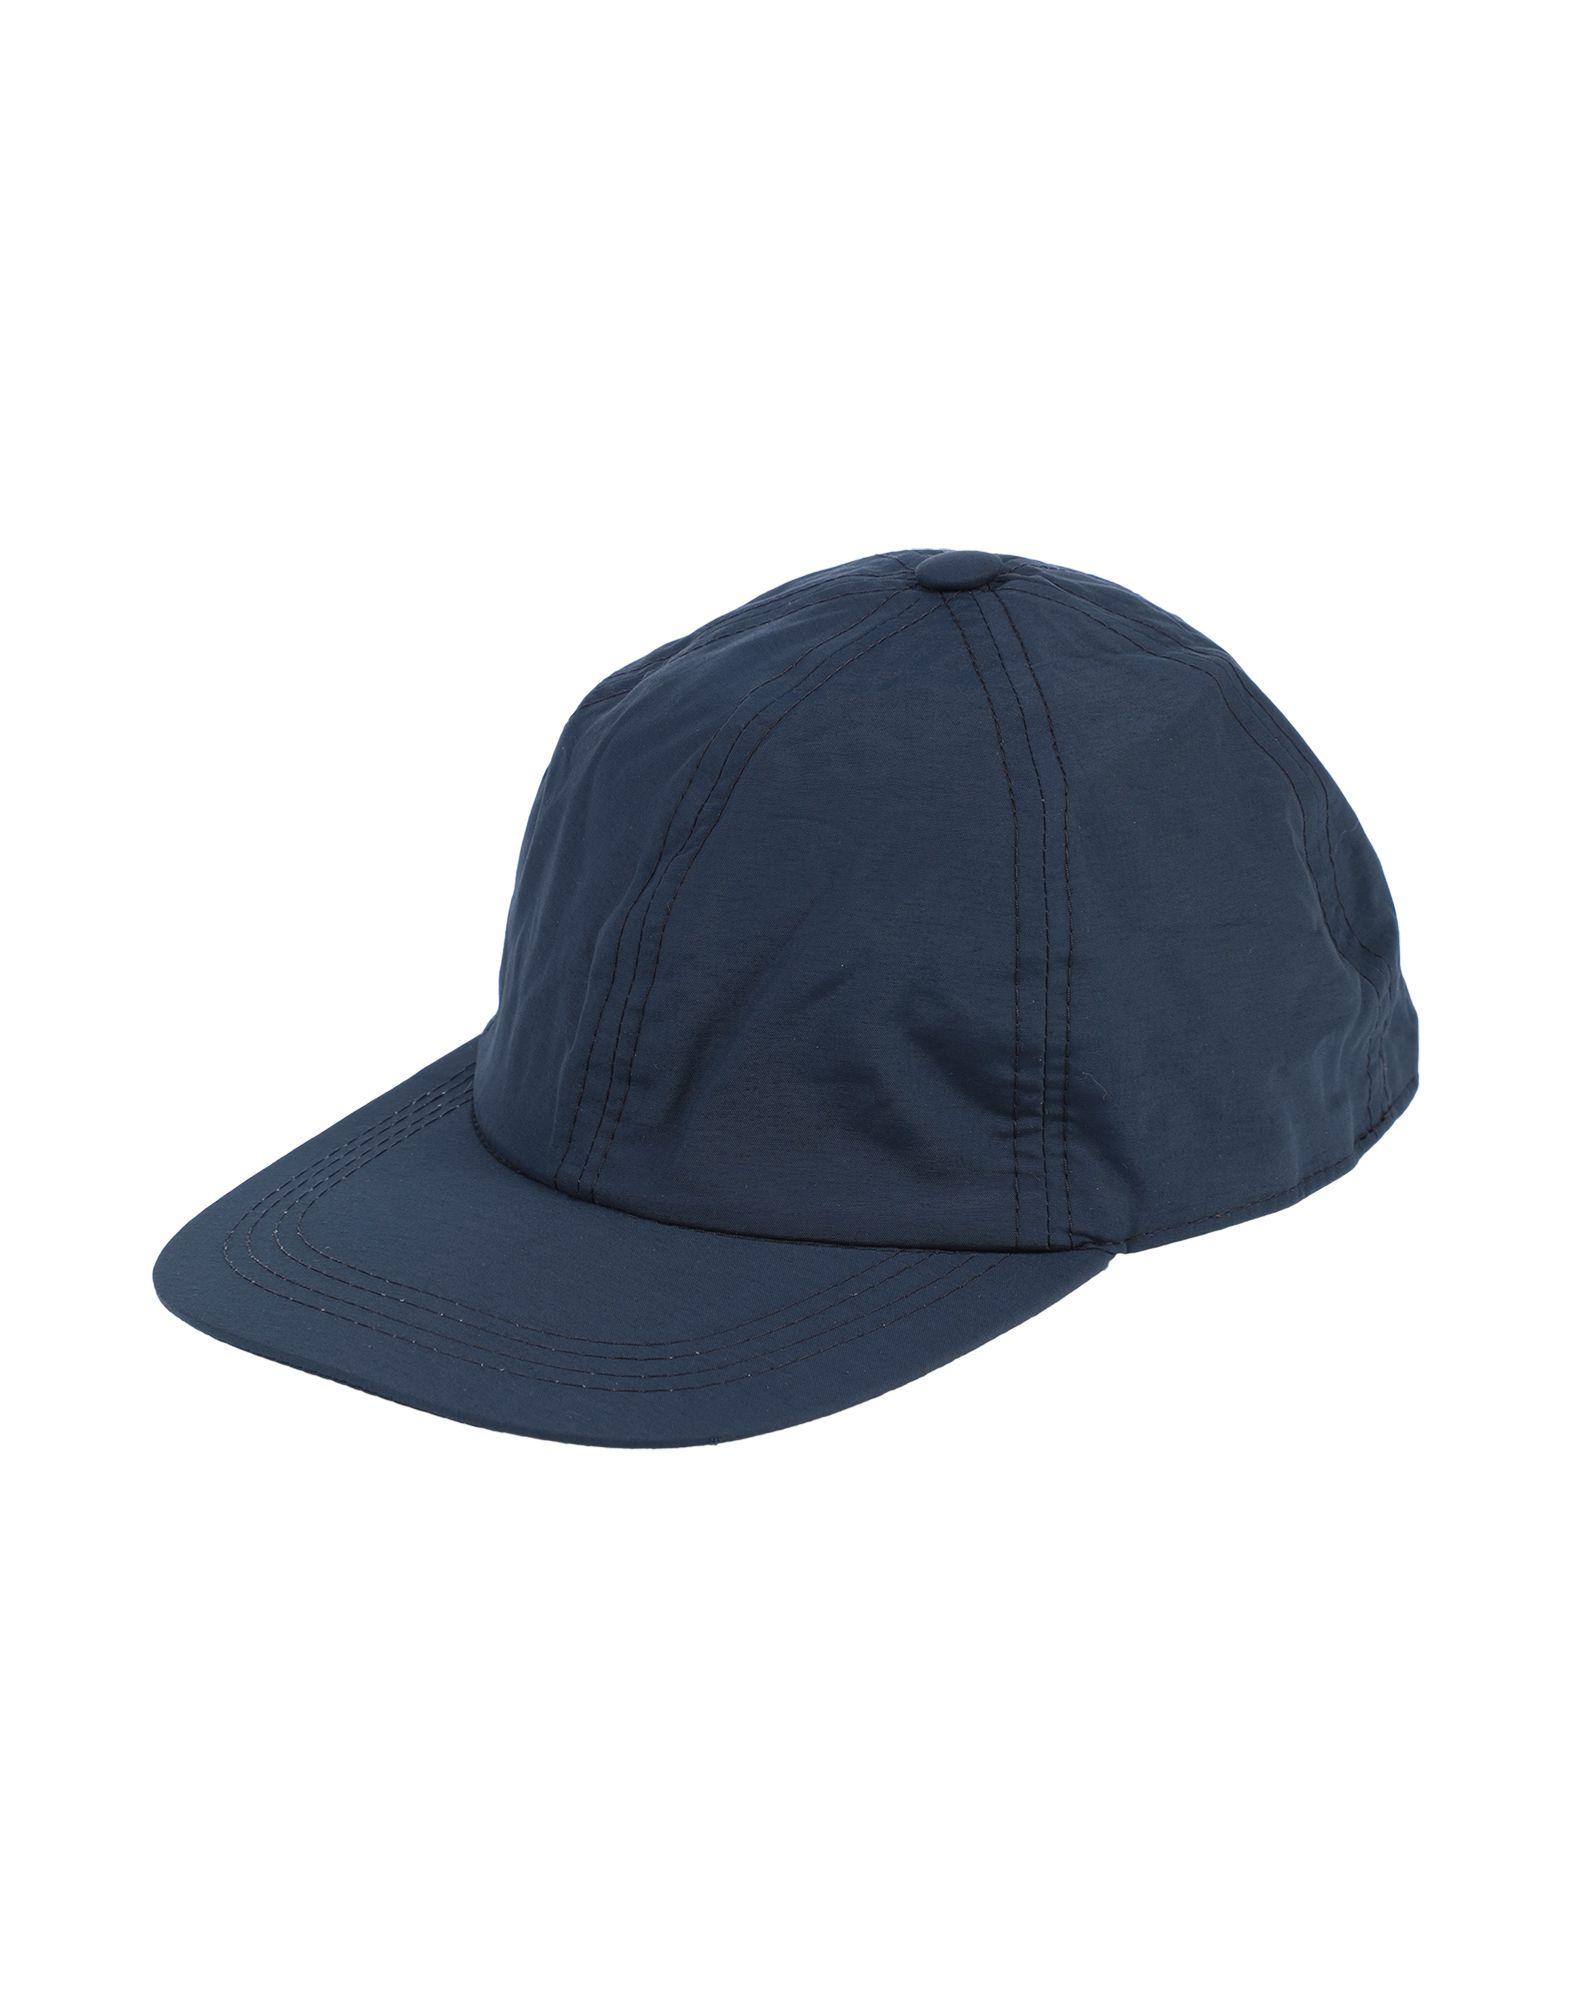 《セール開催中》LOCK & CO. HATTERS メンズ 帽子 ダークブルー 58 ポリエステル 65% / ナイロン 35%